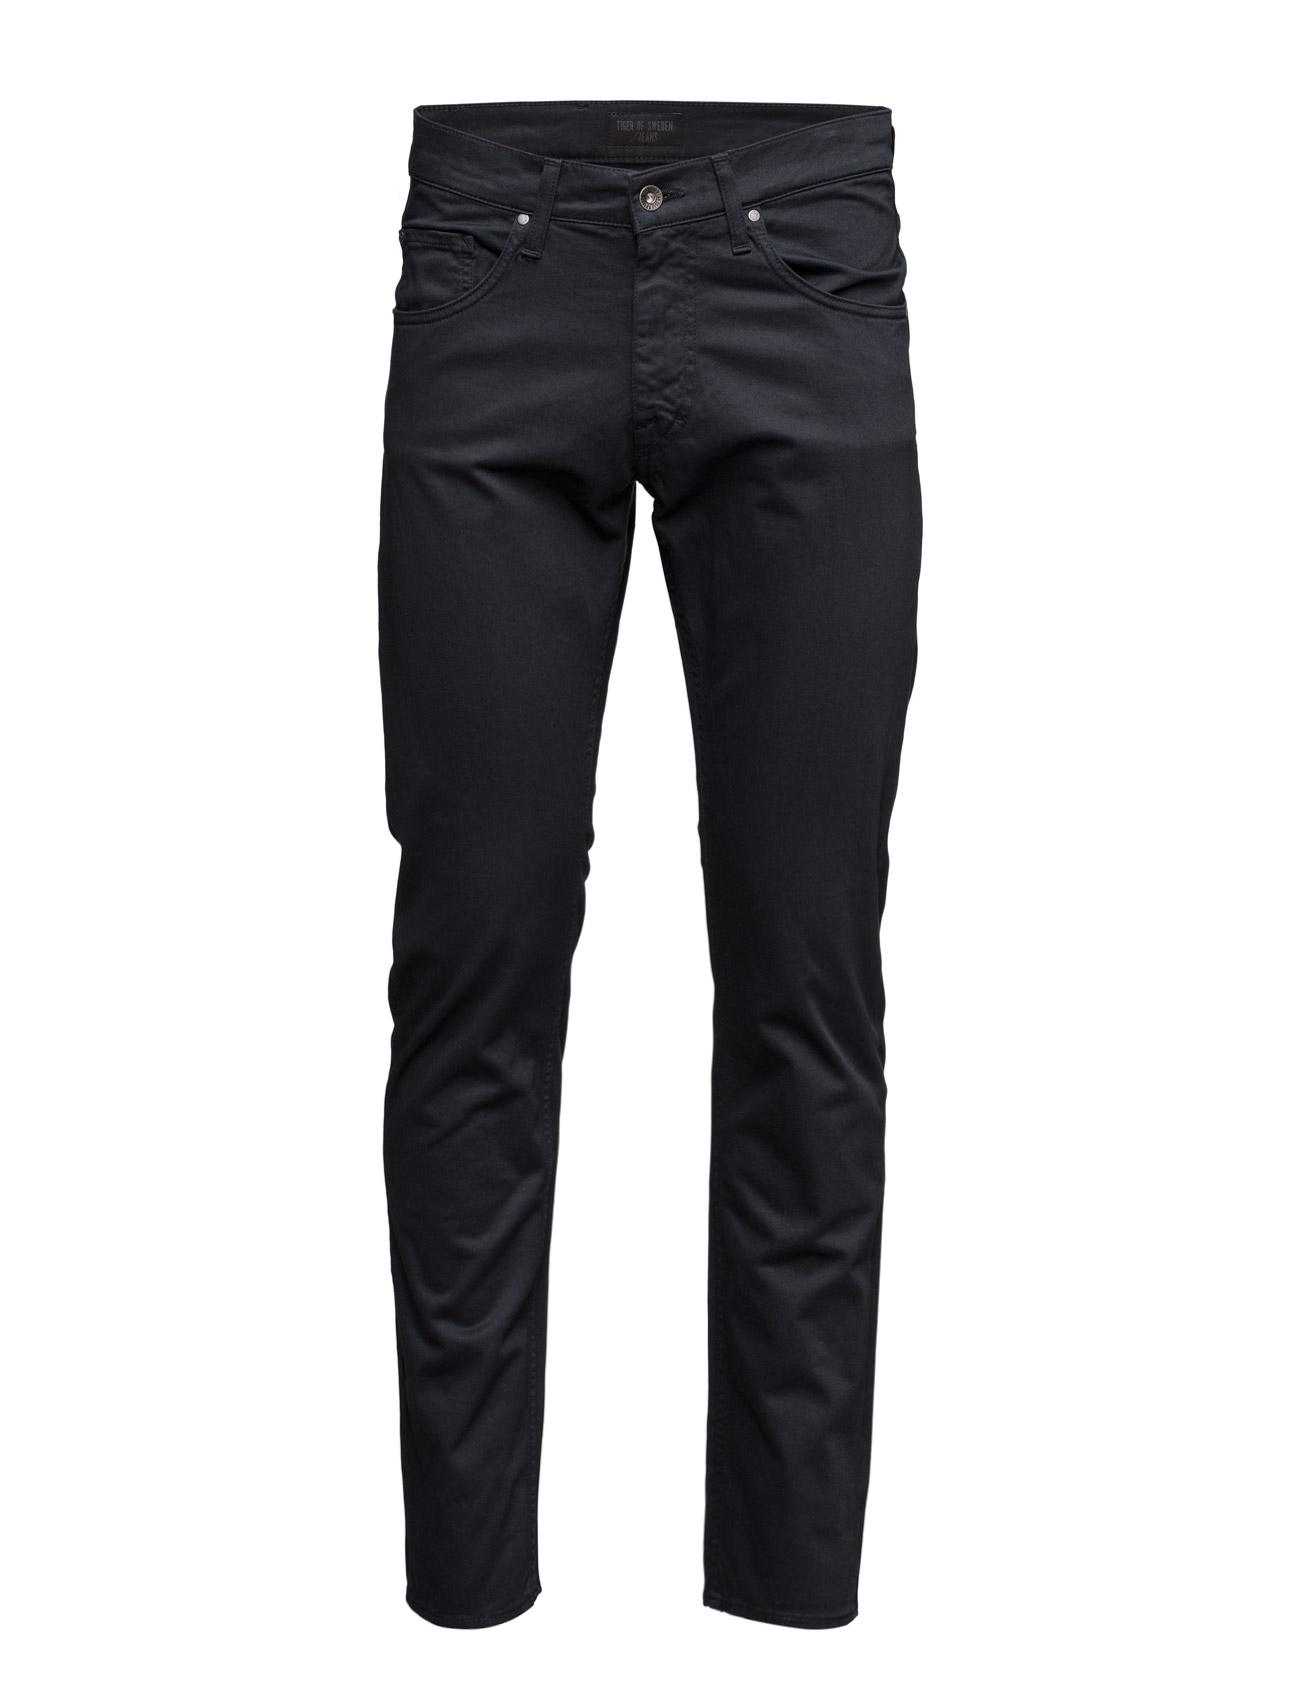 Iggy Tiger of Sweden Jeans Slim til Mænd i Sort